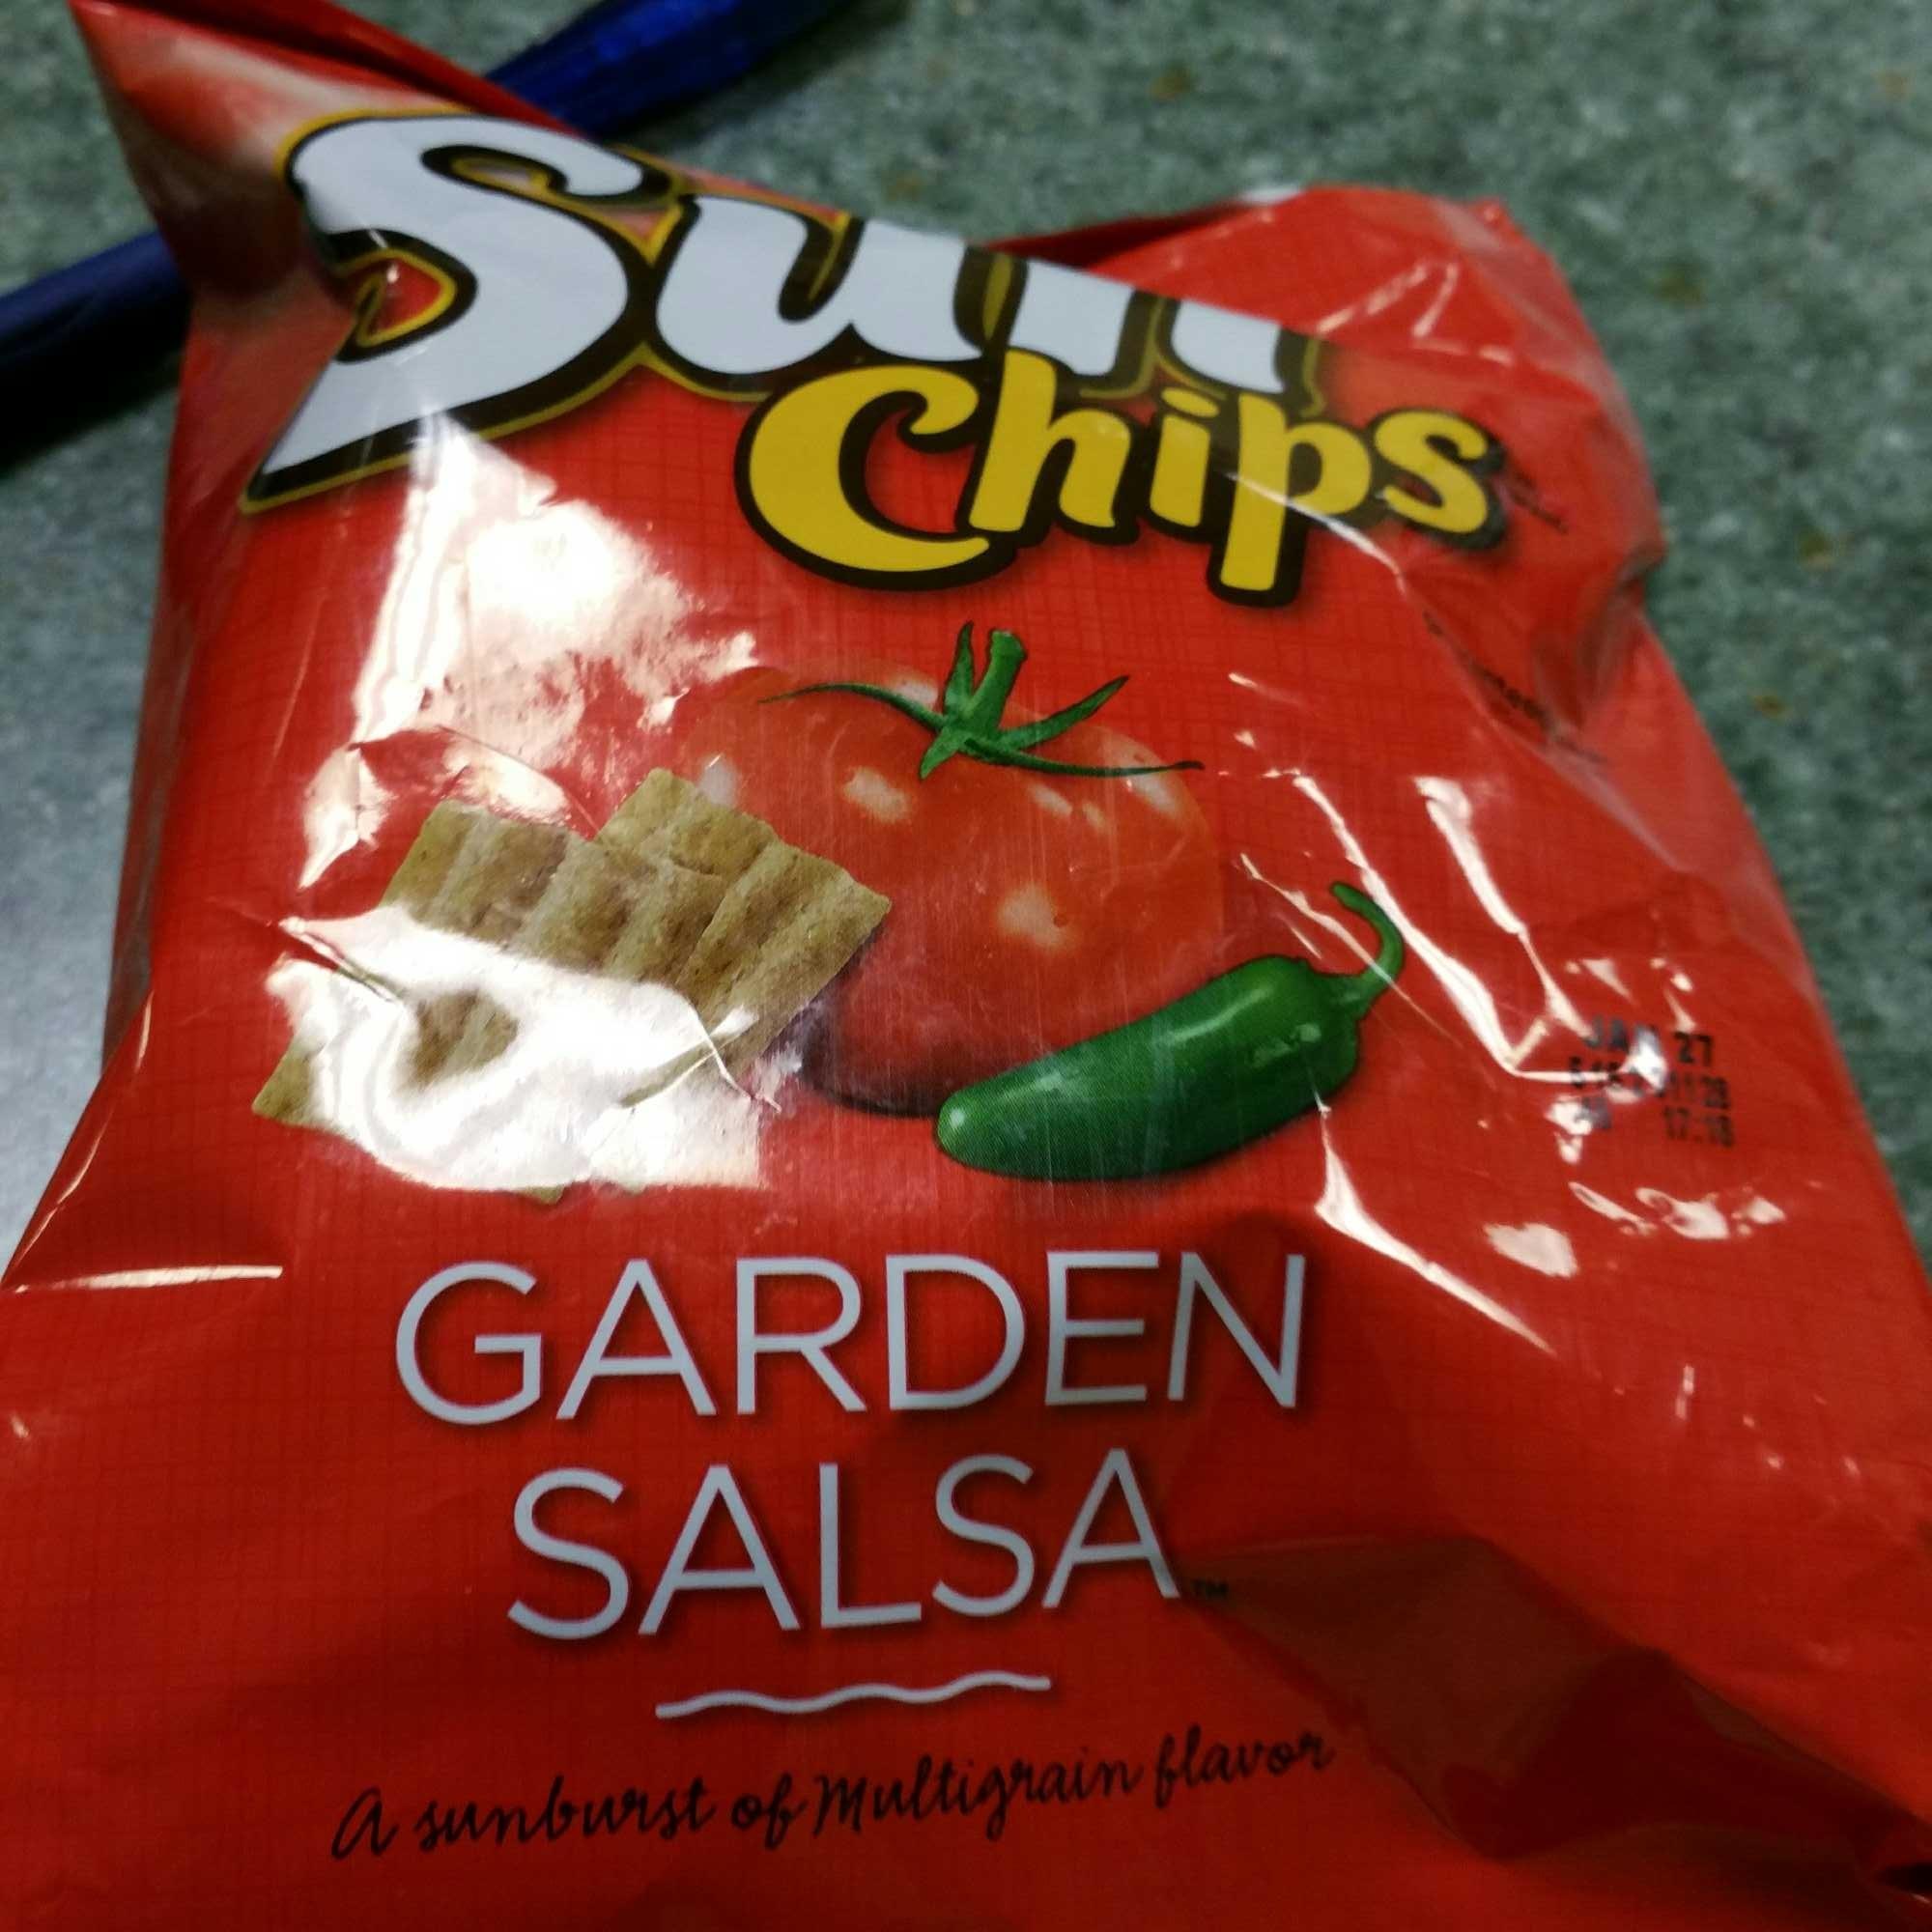 Garden Salsa Sun Chips